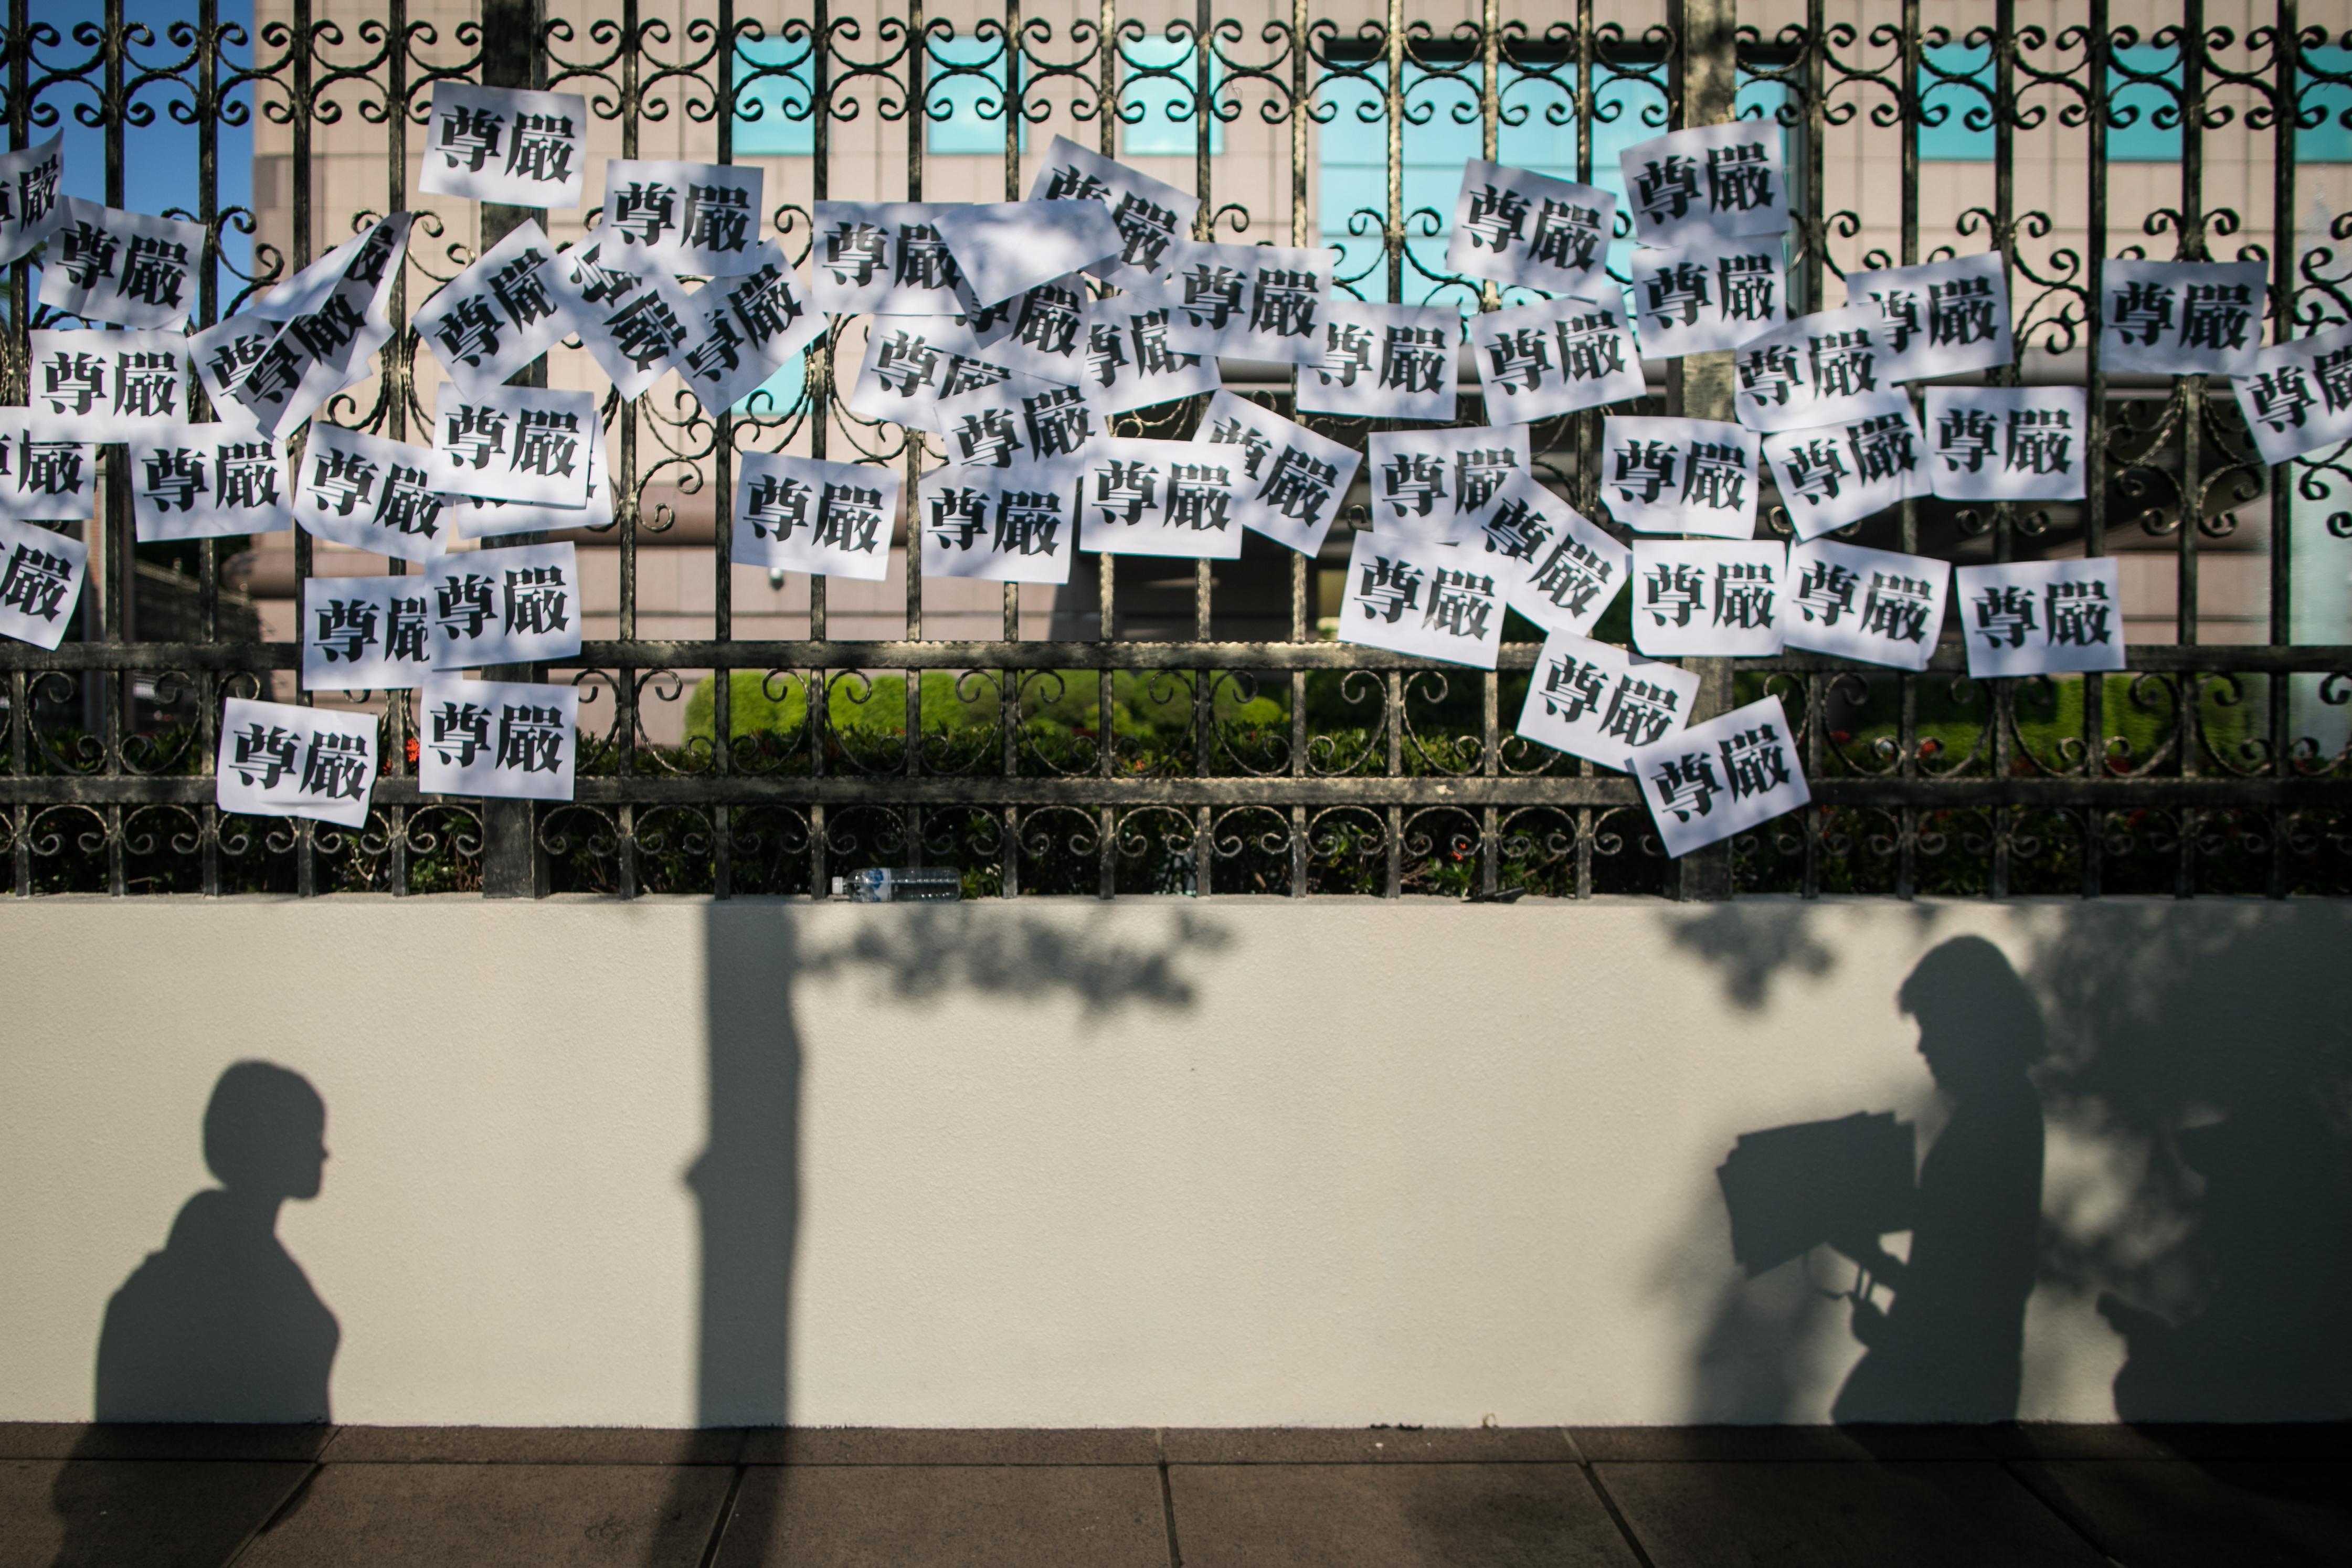 6月4日空服員遊行結束之前,空服員手持「尊嚴」標語,蜂擁貼往張榮發基金會外的鐵欄杆上。